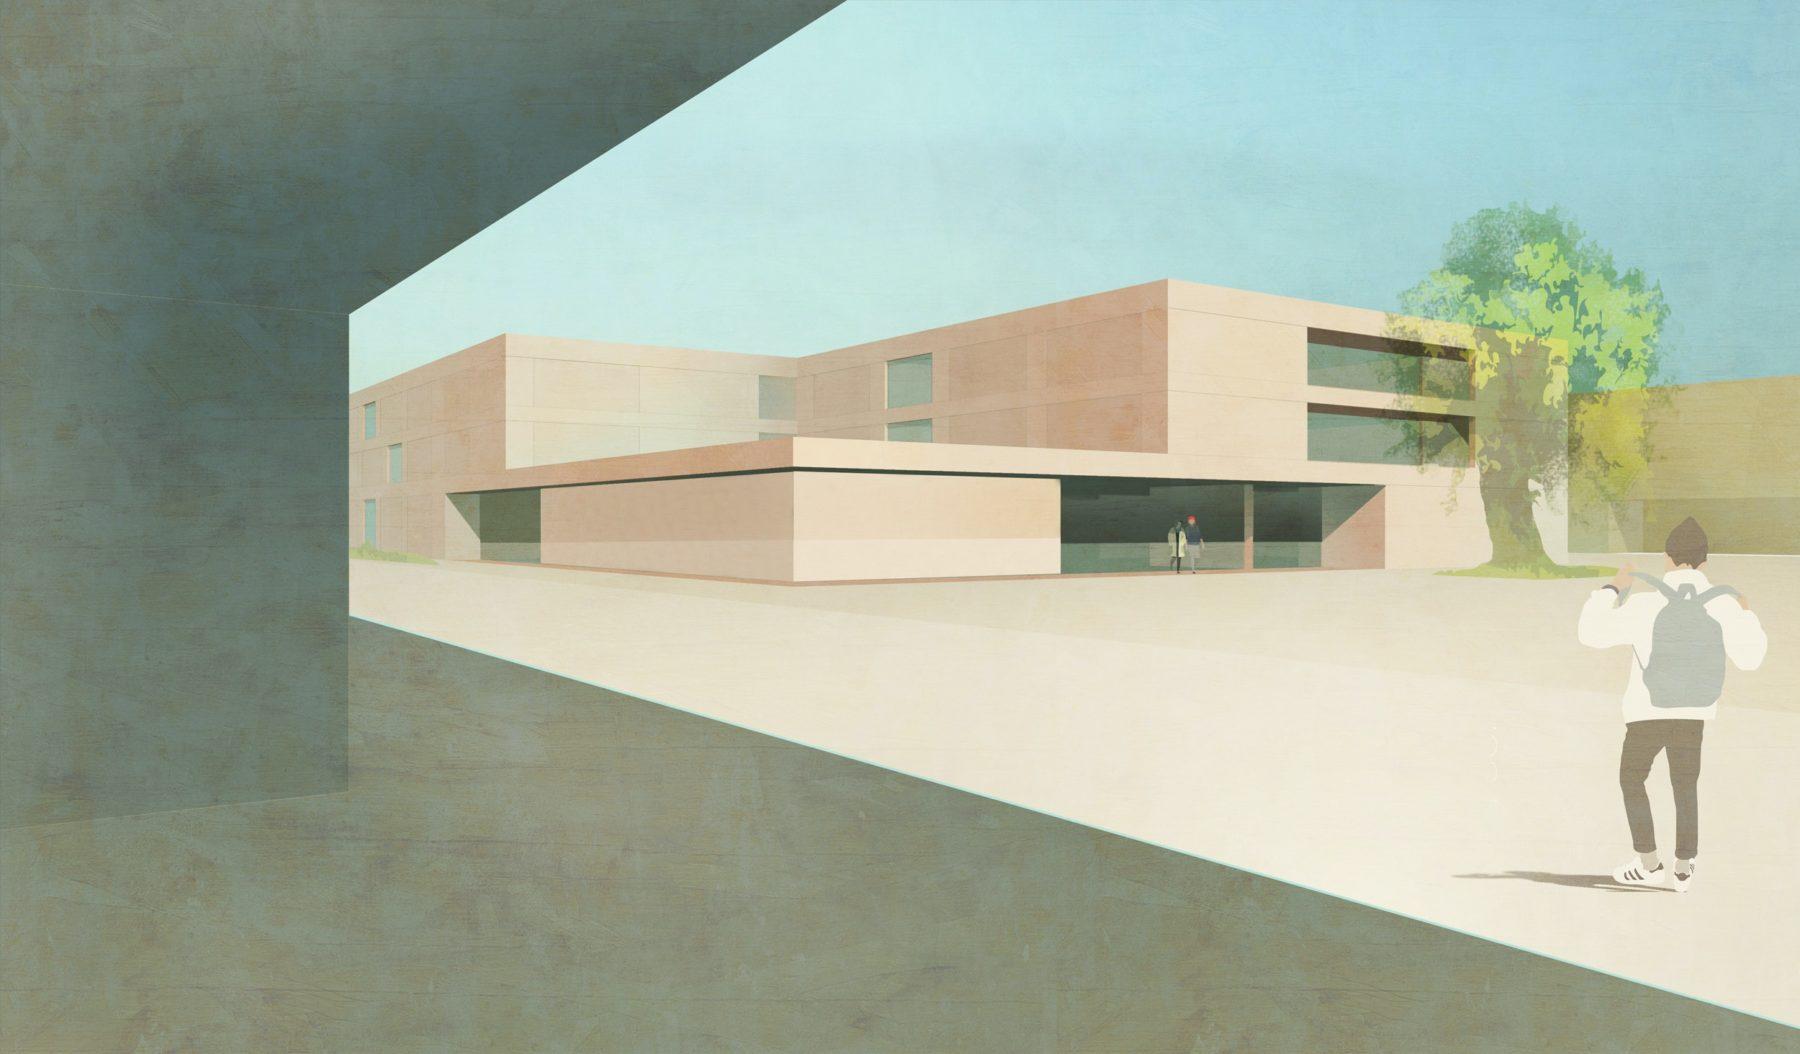 STrauma Landschaftsarchitektur Berlin landscape architects Bildungscampus Gruscheweg Neuenhagen bei Berlin Perspektive 3